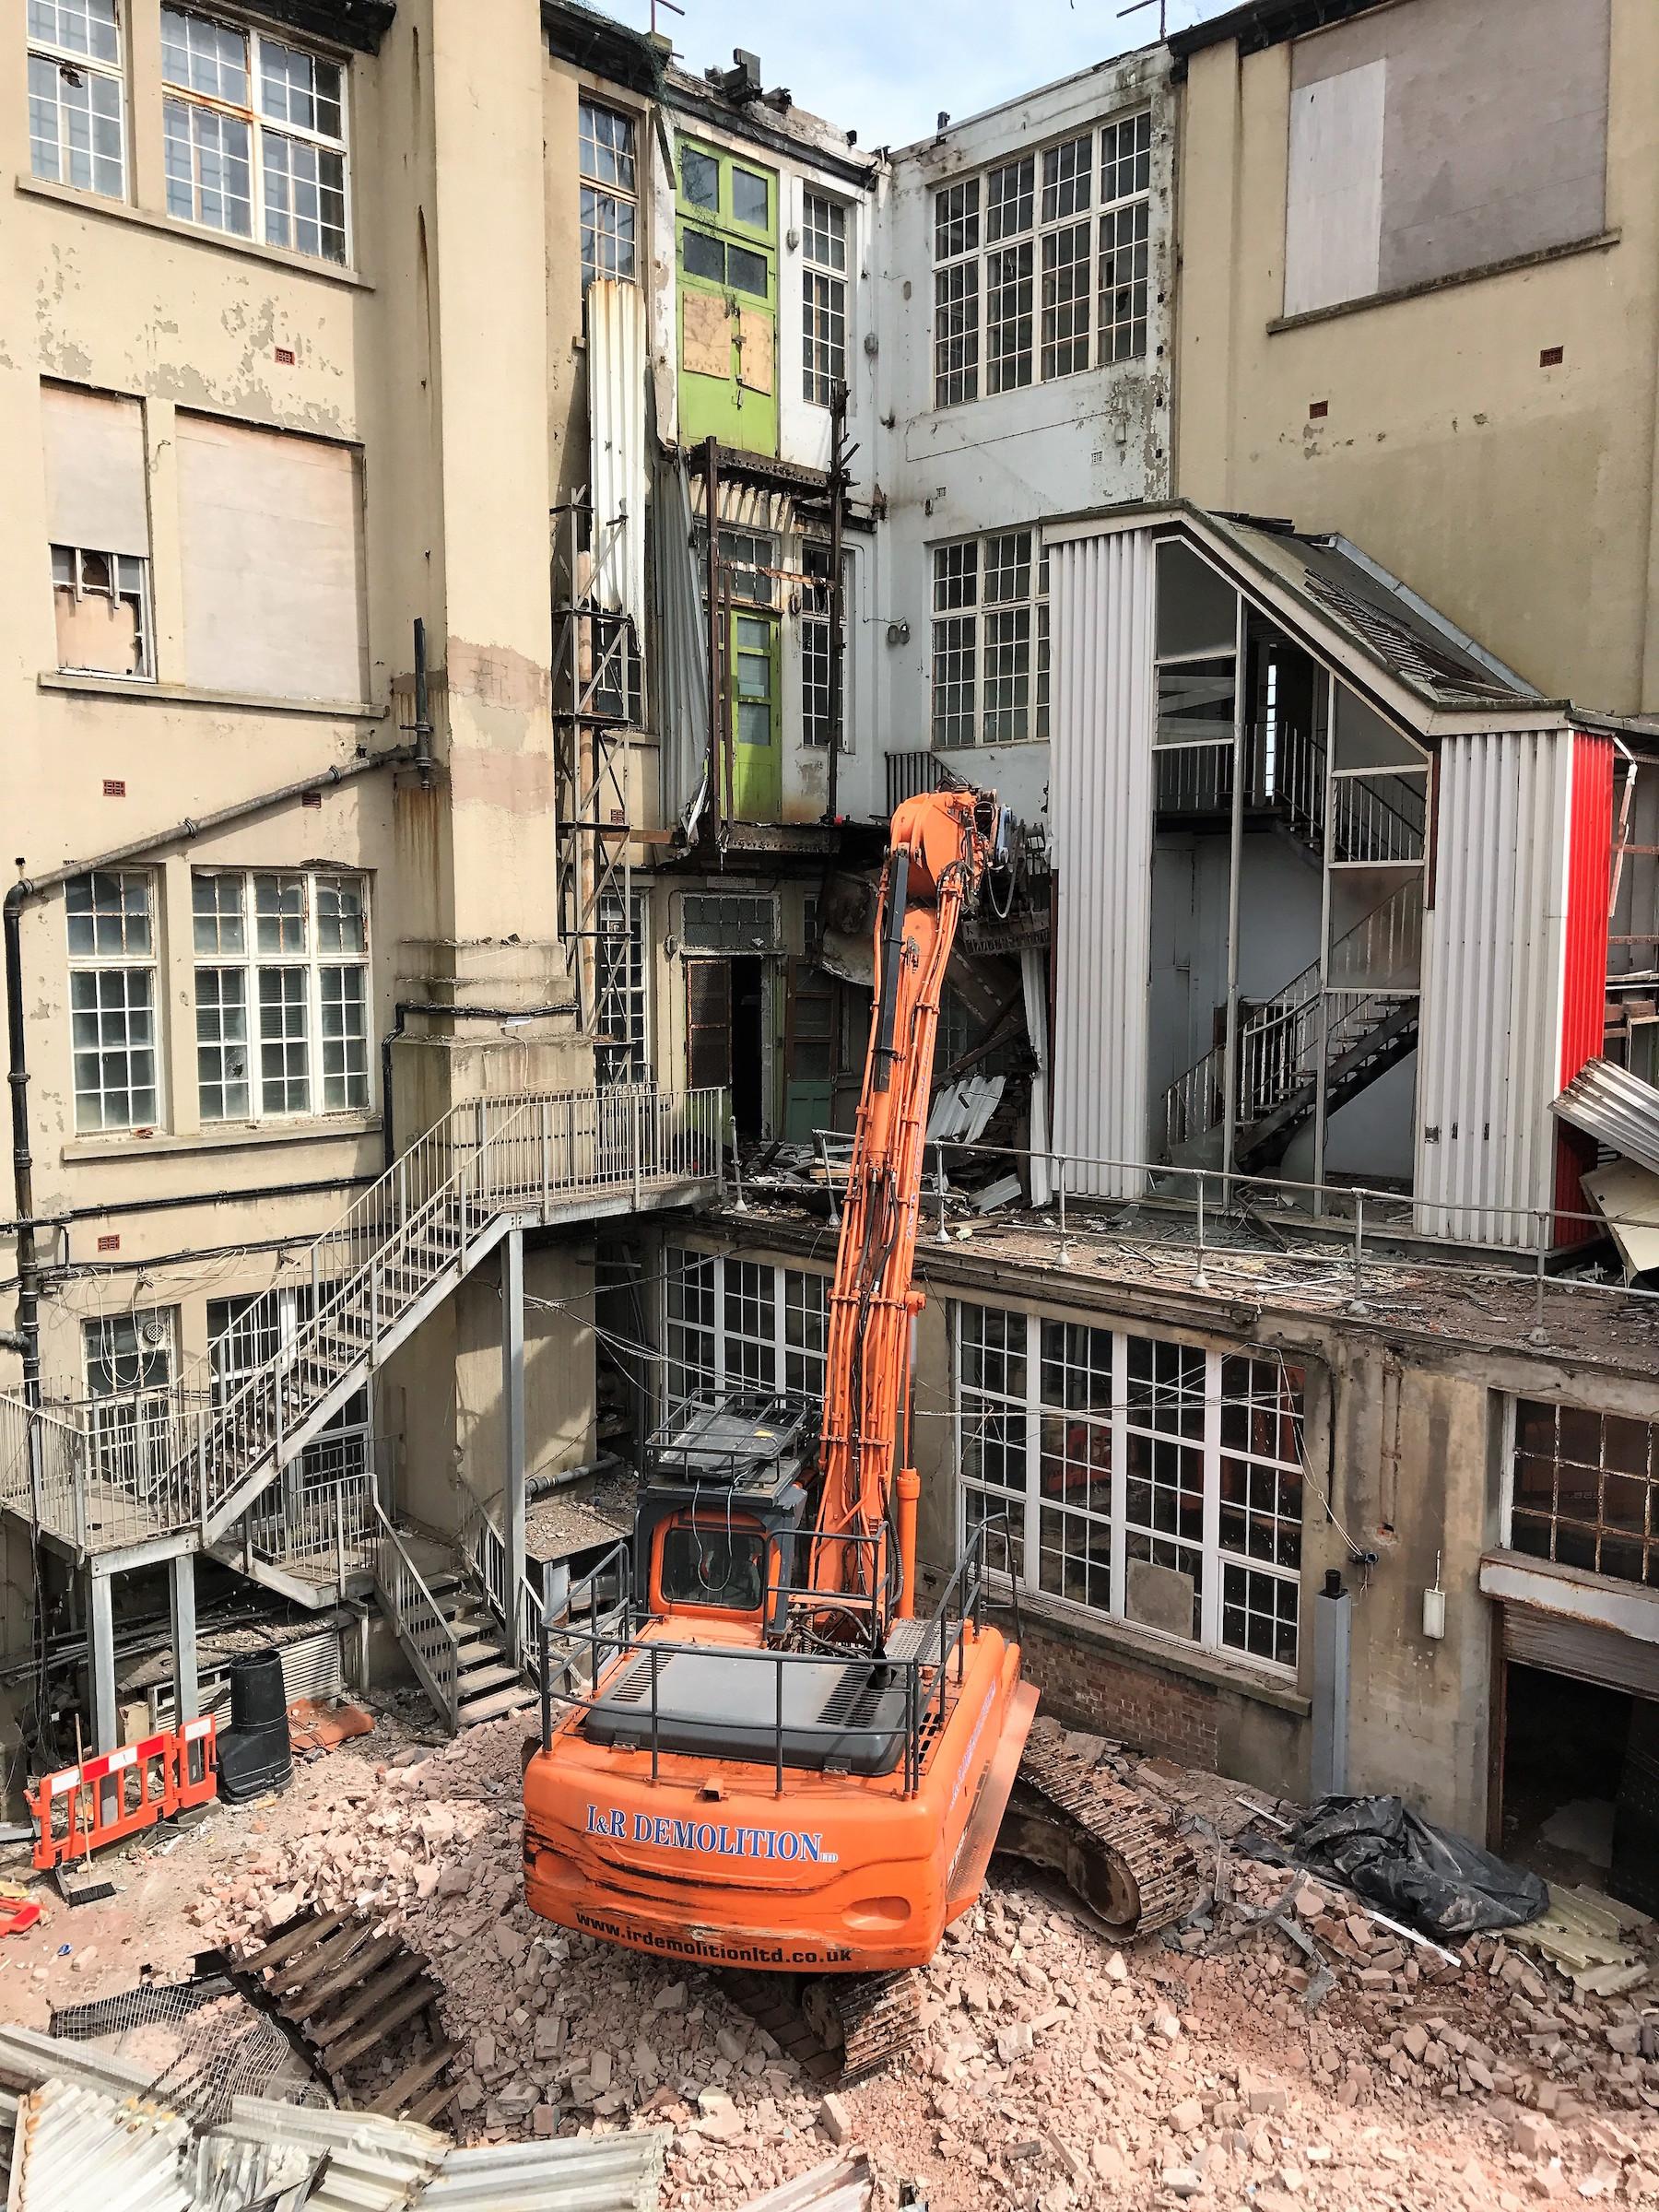 Demolition page blog ir demolition and groundworks ltd for Demolition wood for sale